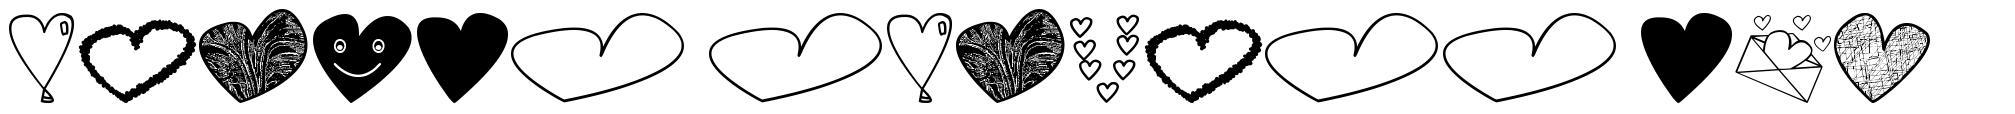 Hearts Shapess TFB